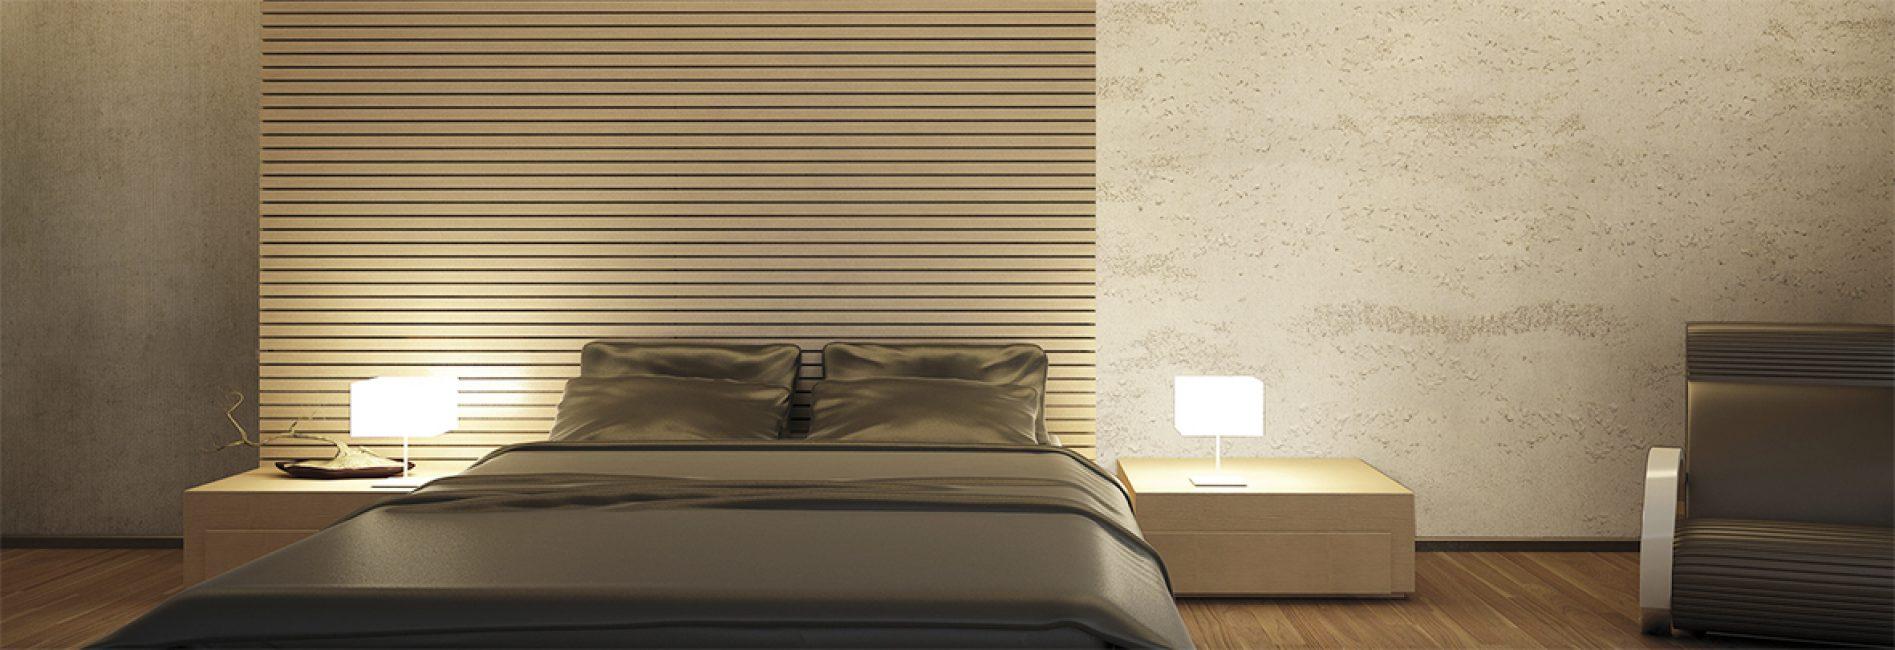 Легкие и ненавязчивые цвета подойдут для спальни